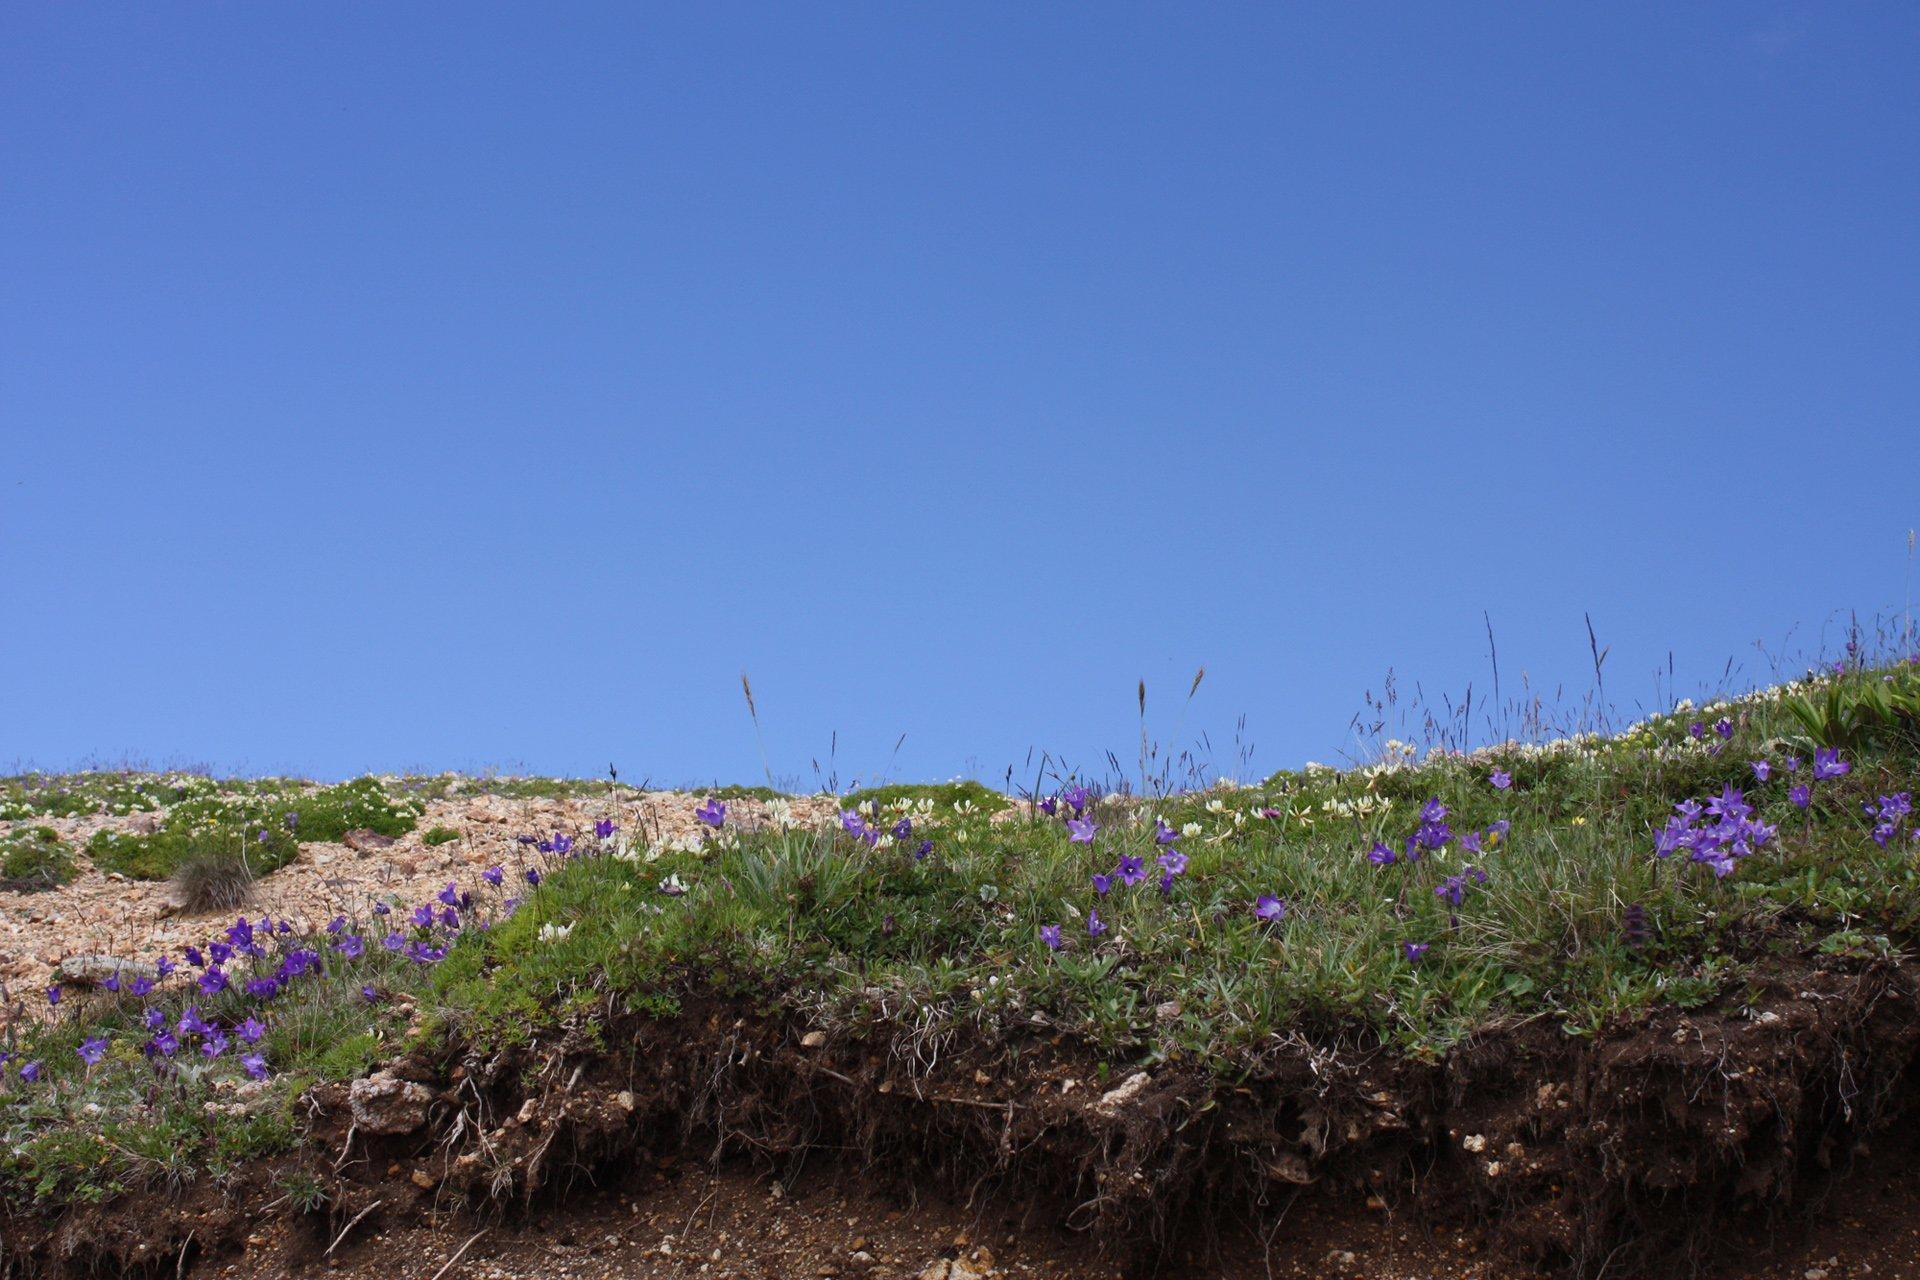 zarha dağı